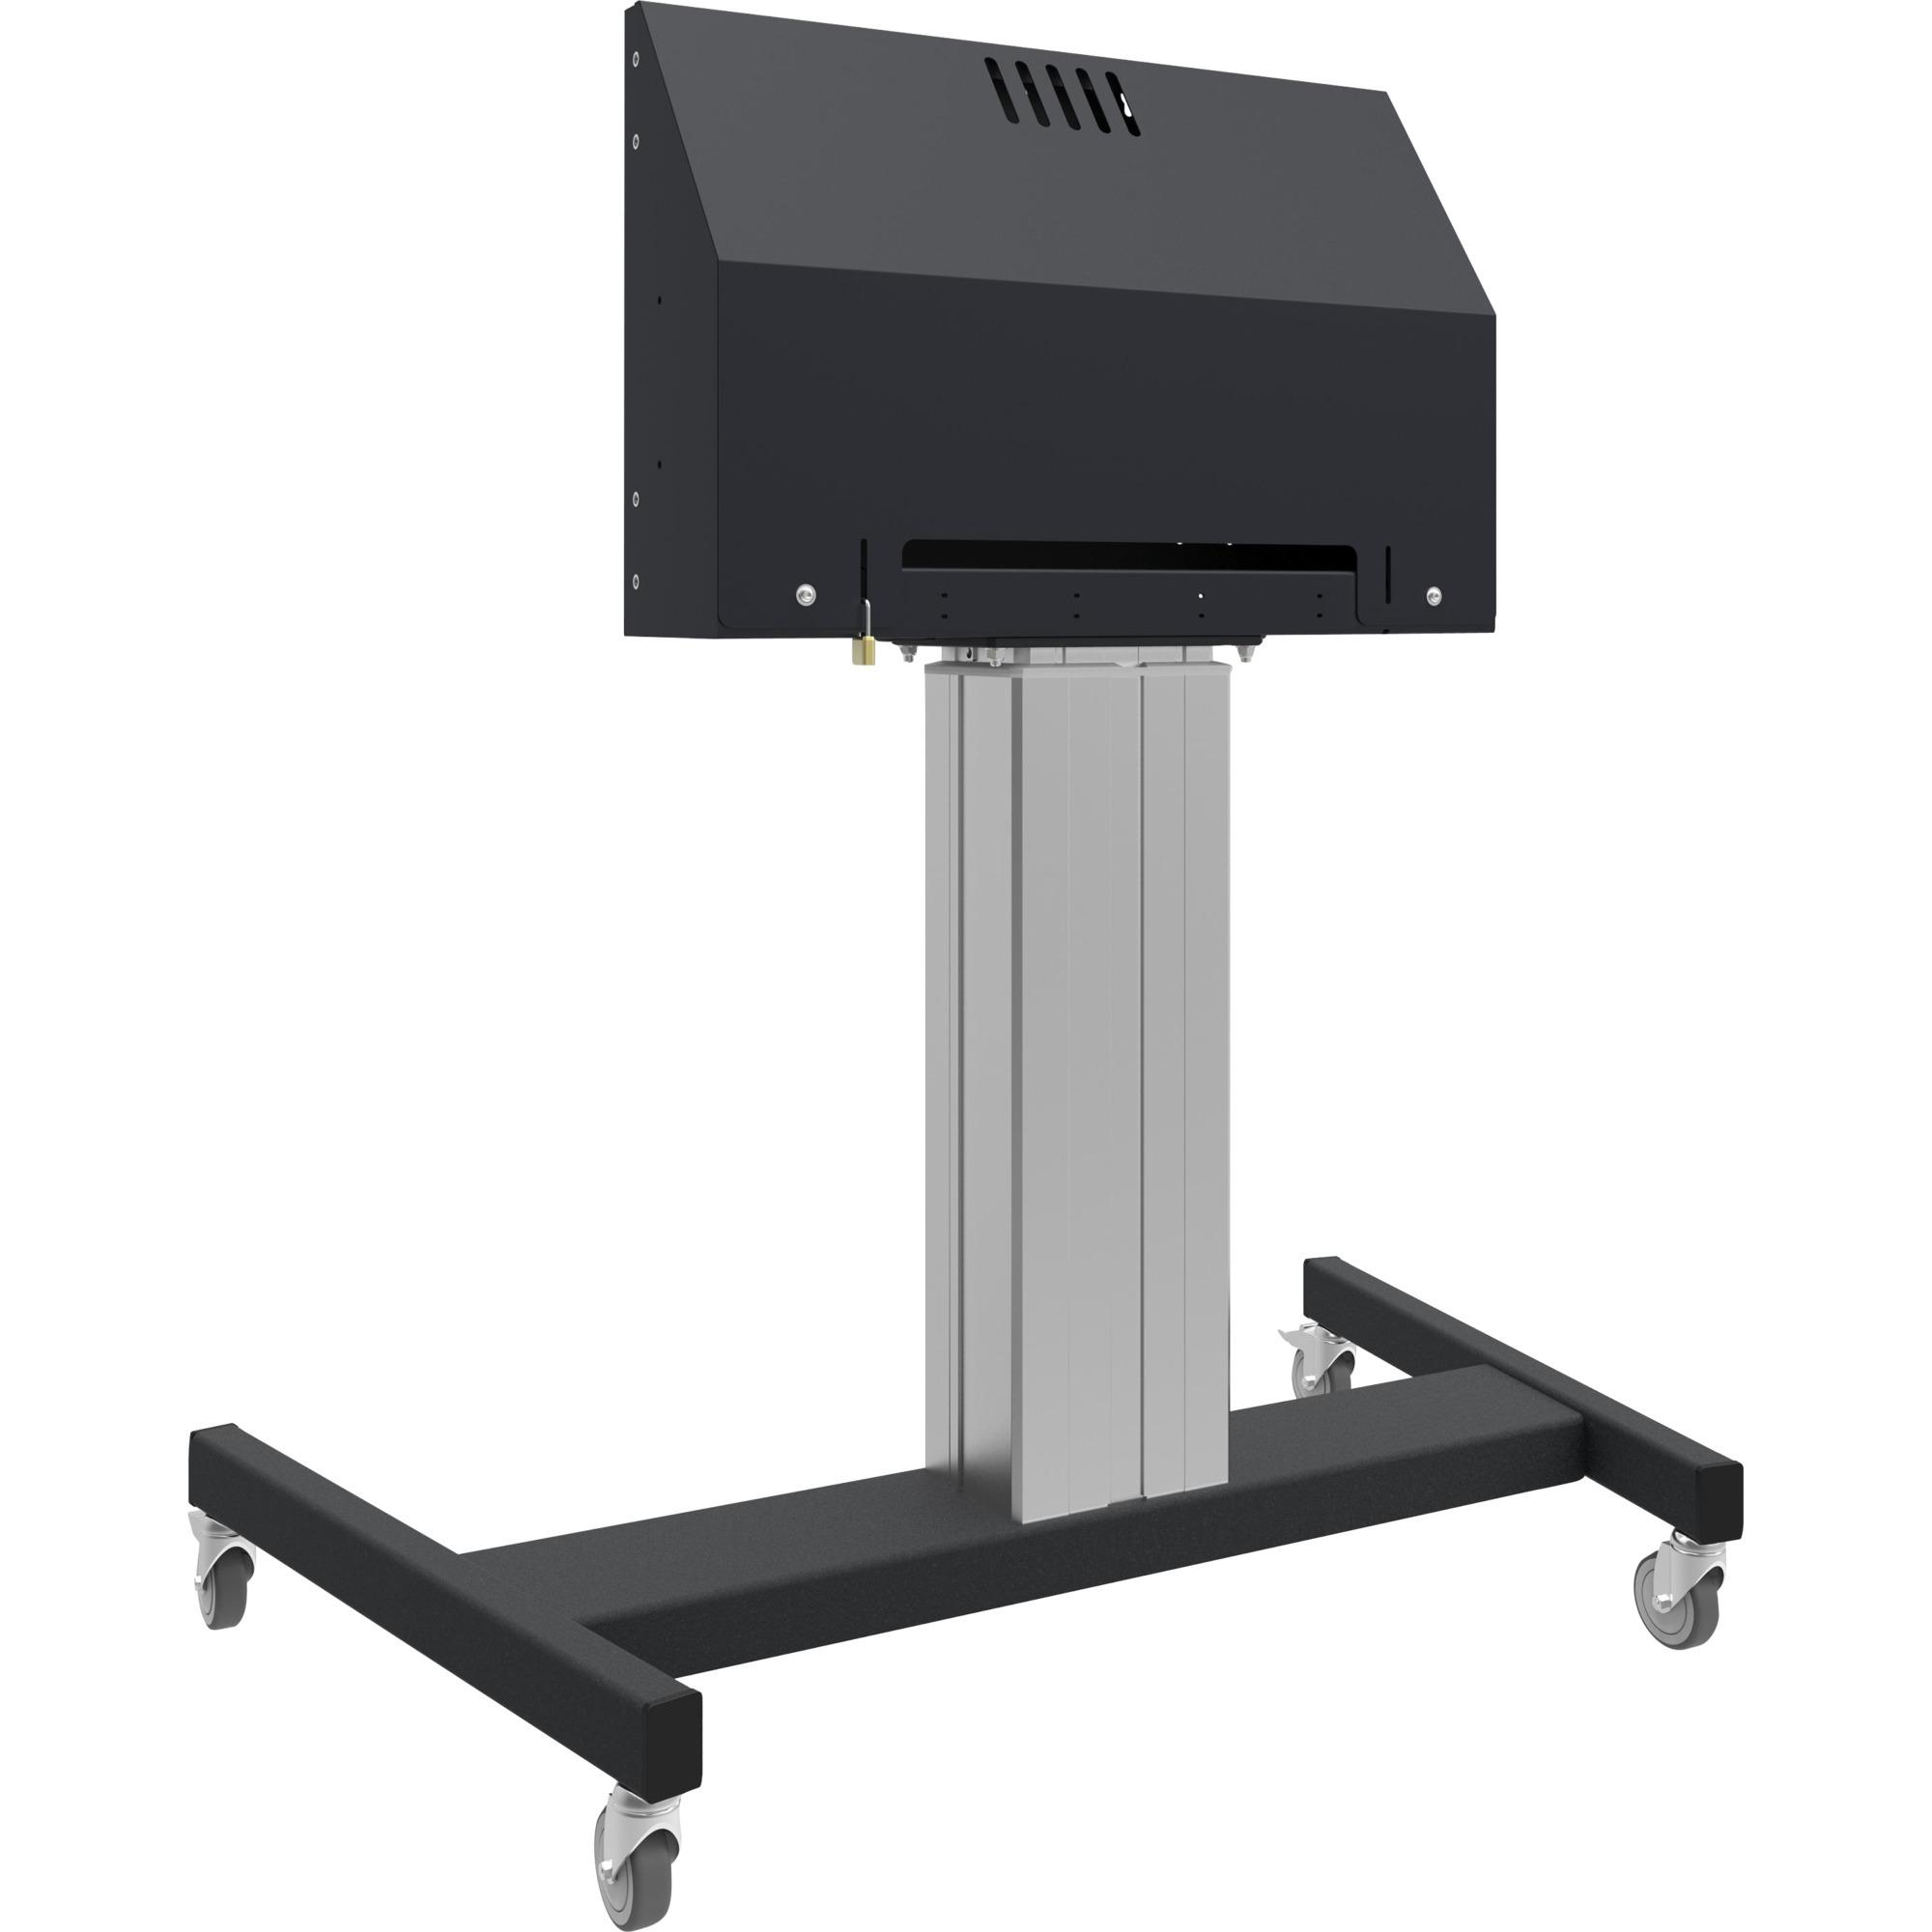 MD 062B7295 Portable flat panel floor stand Noir, Gris socle d'écrans plats, Mont